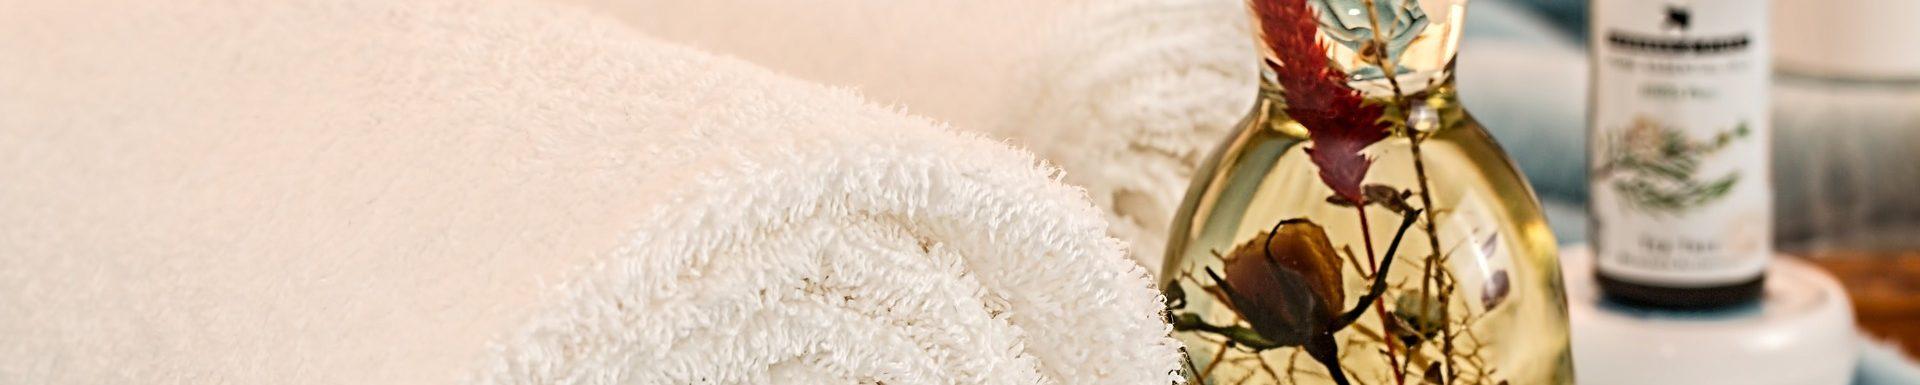 Unaus Rasierer & Akne Behandlung